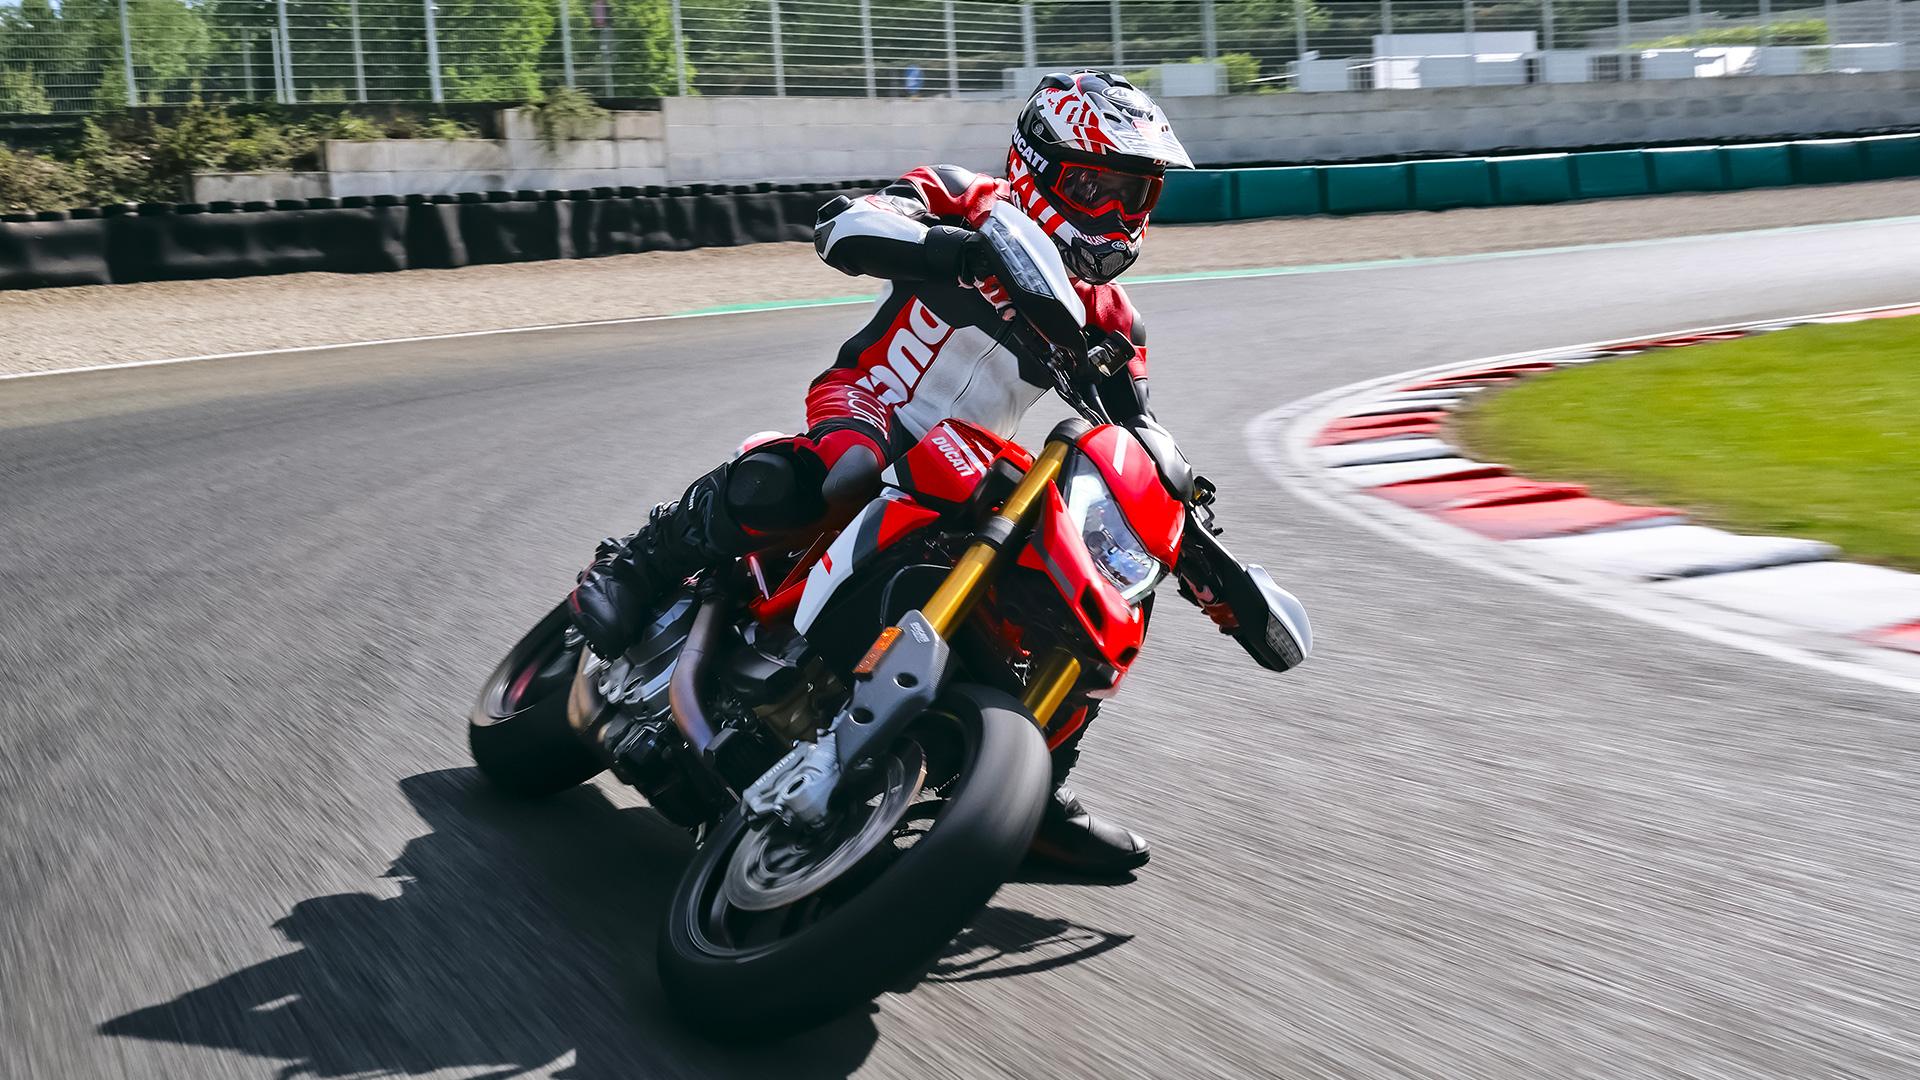 2022Hypermotard SP on the track